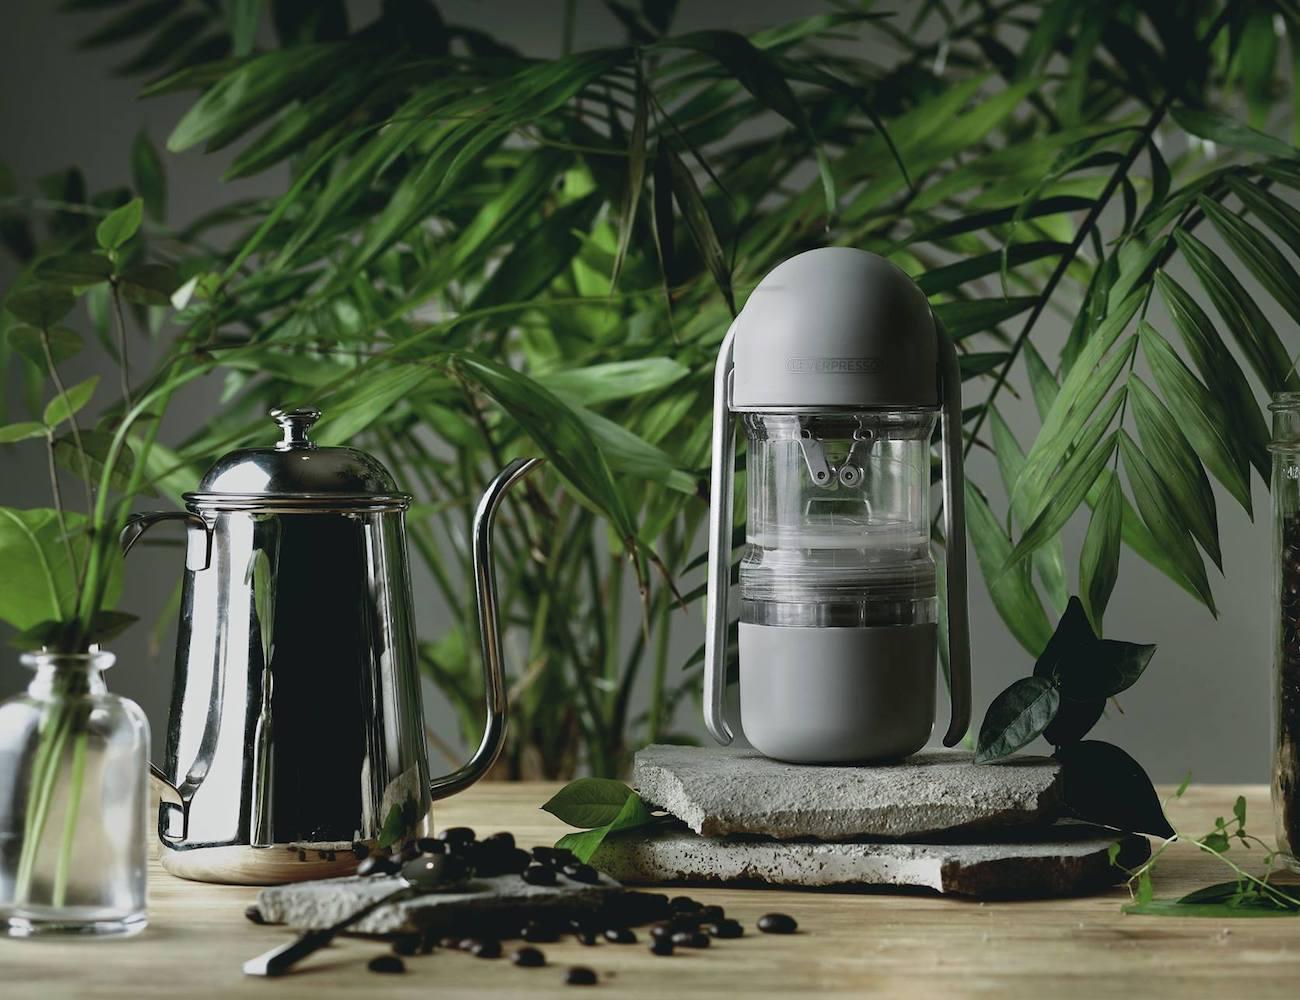 Leverpresso – All in One Portable Espresso Maker